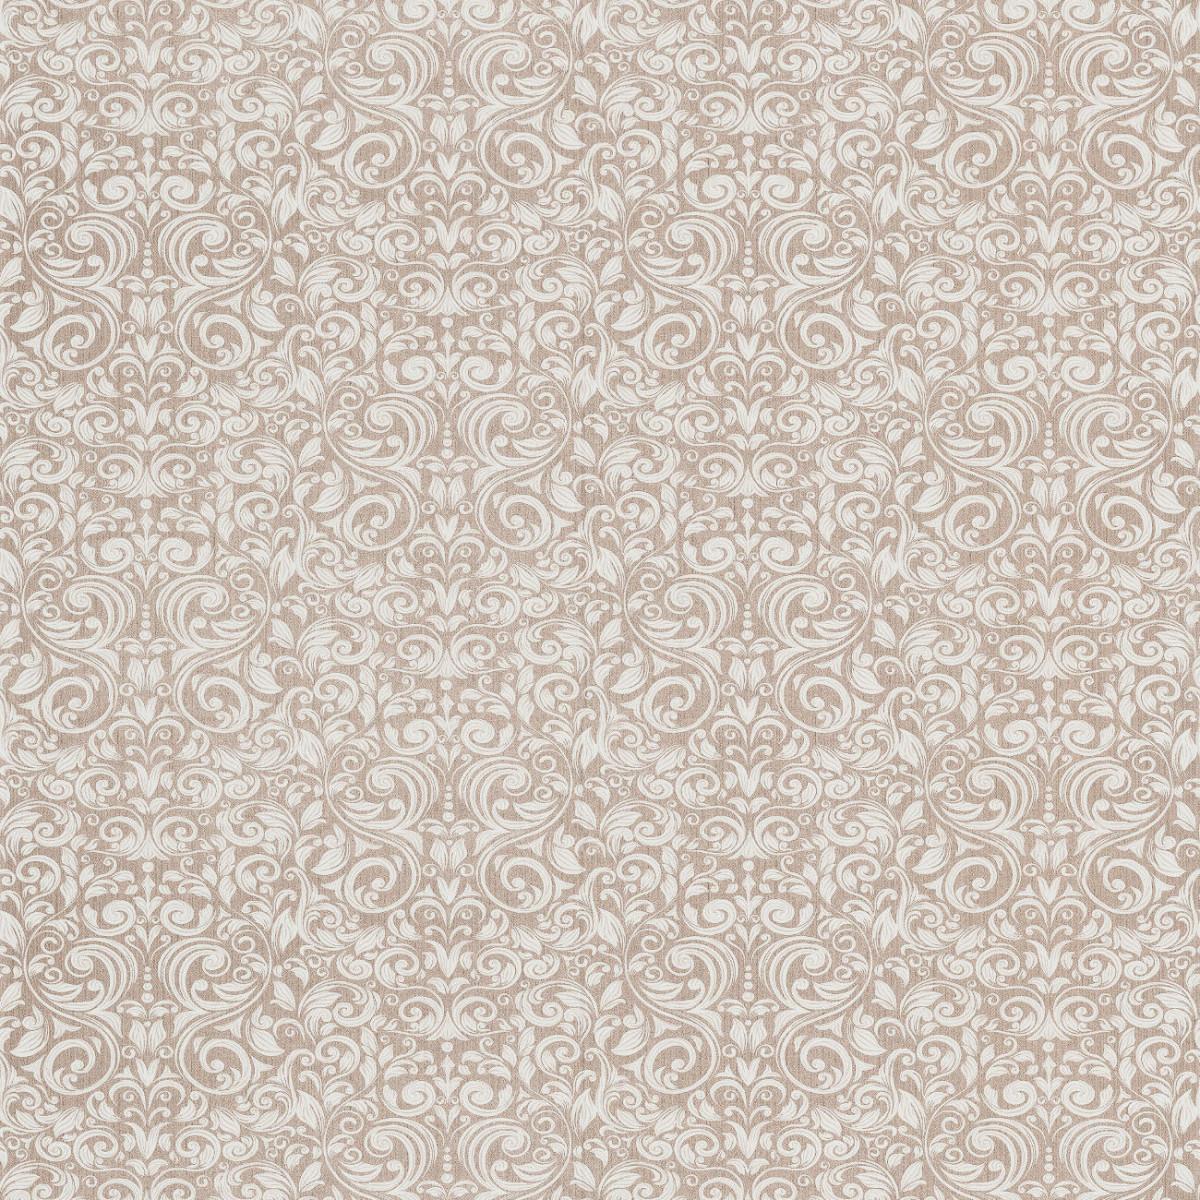 Обои флизелиновые Мир Авангард коричневые 1.06 м 11-230-04